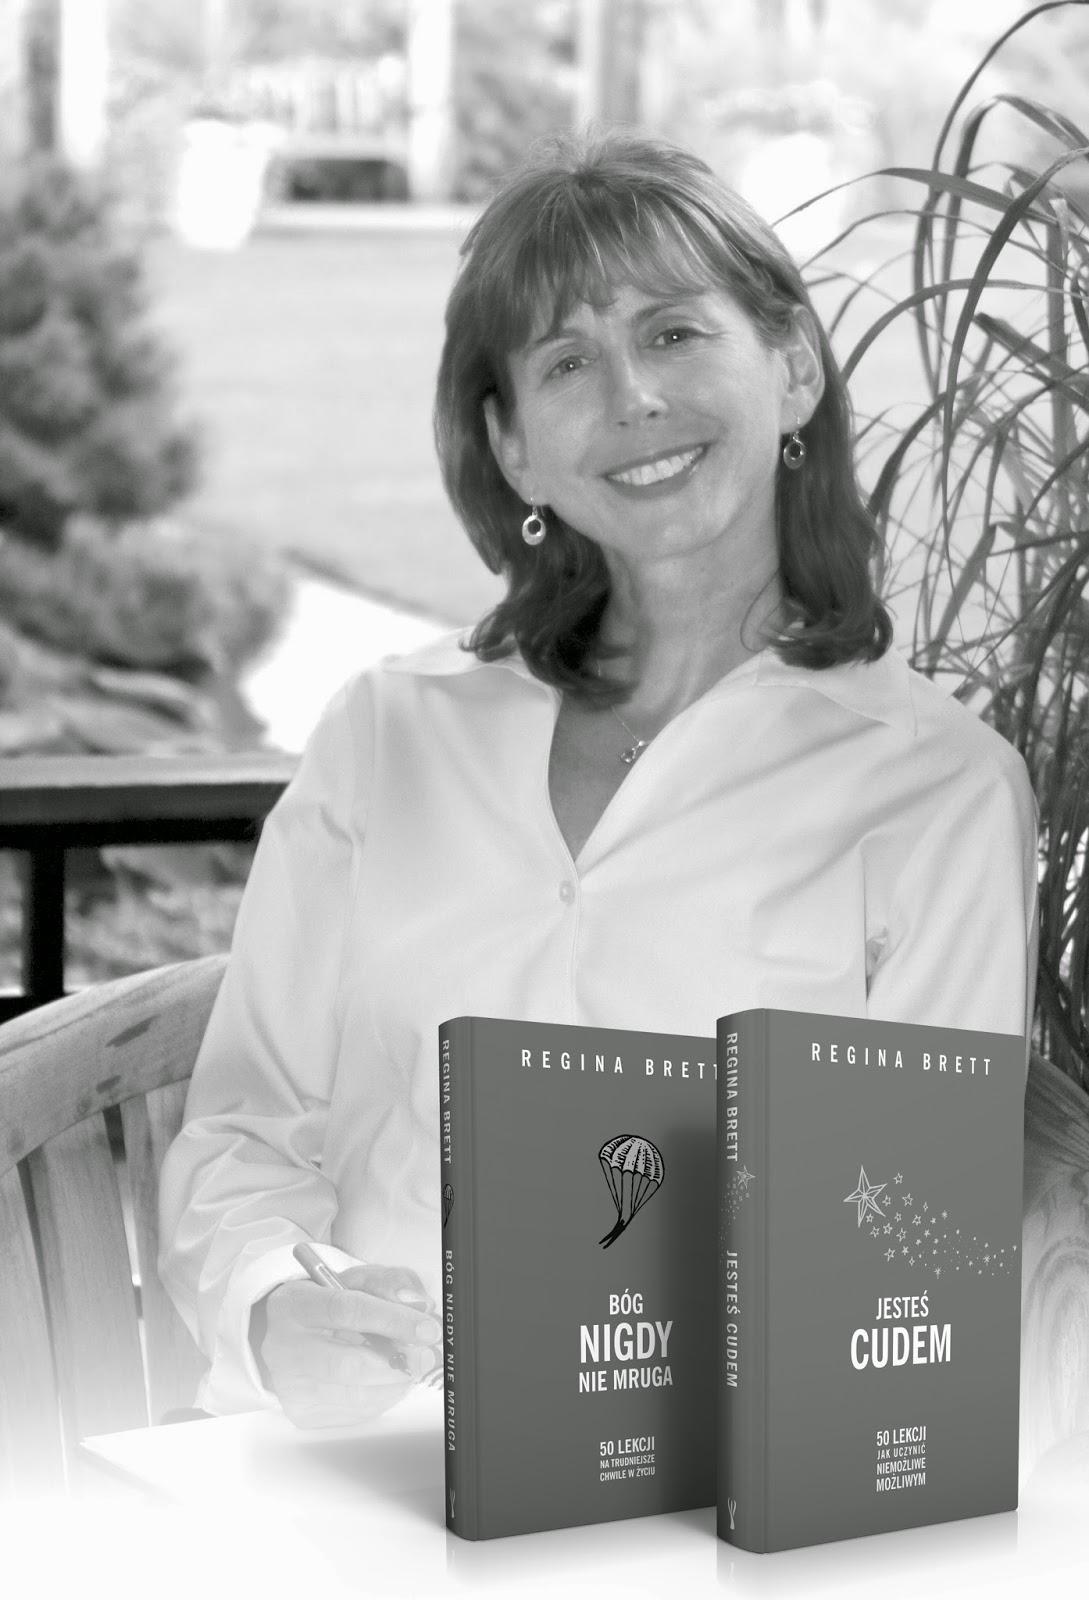 Wielkimi krokami zbliża się premiera nowej książki Reginy Brett!